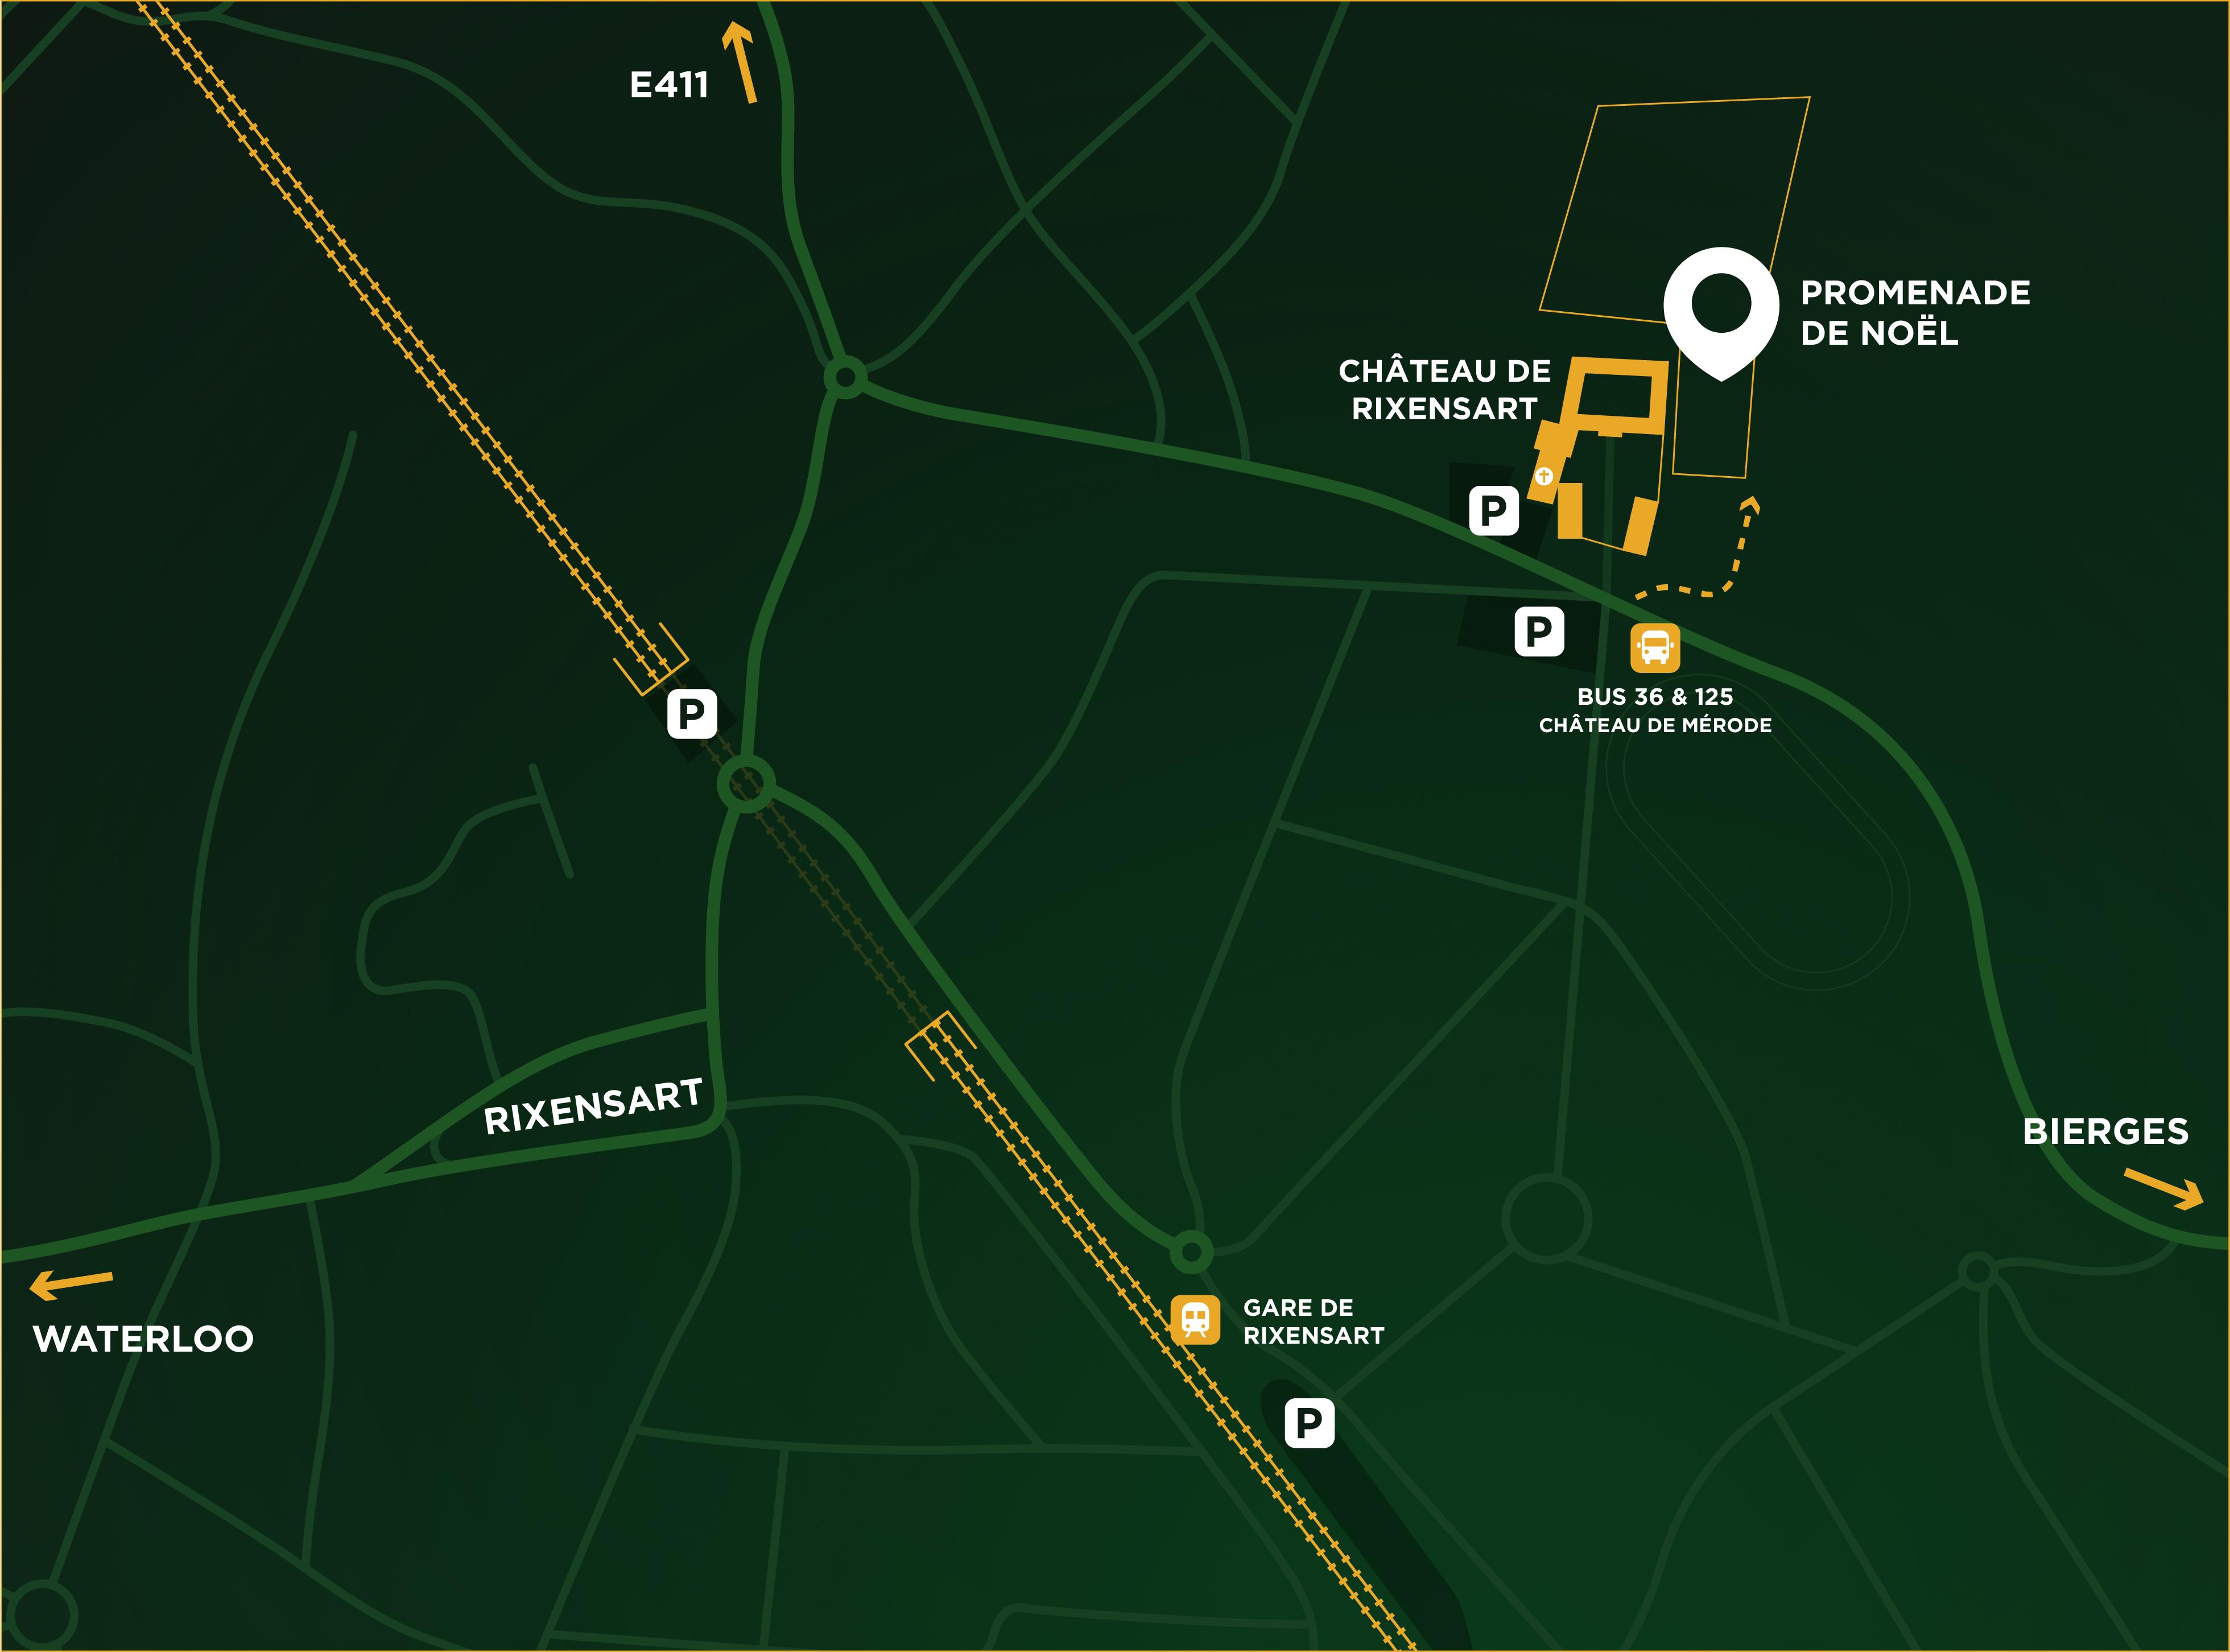 Itinéraire vers le Château de Rixensart